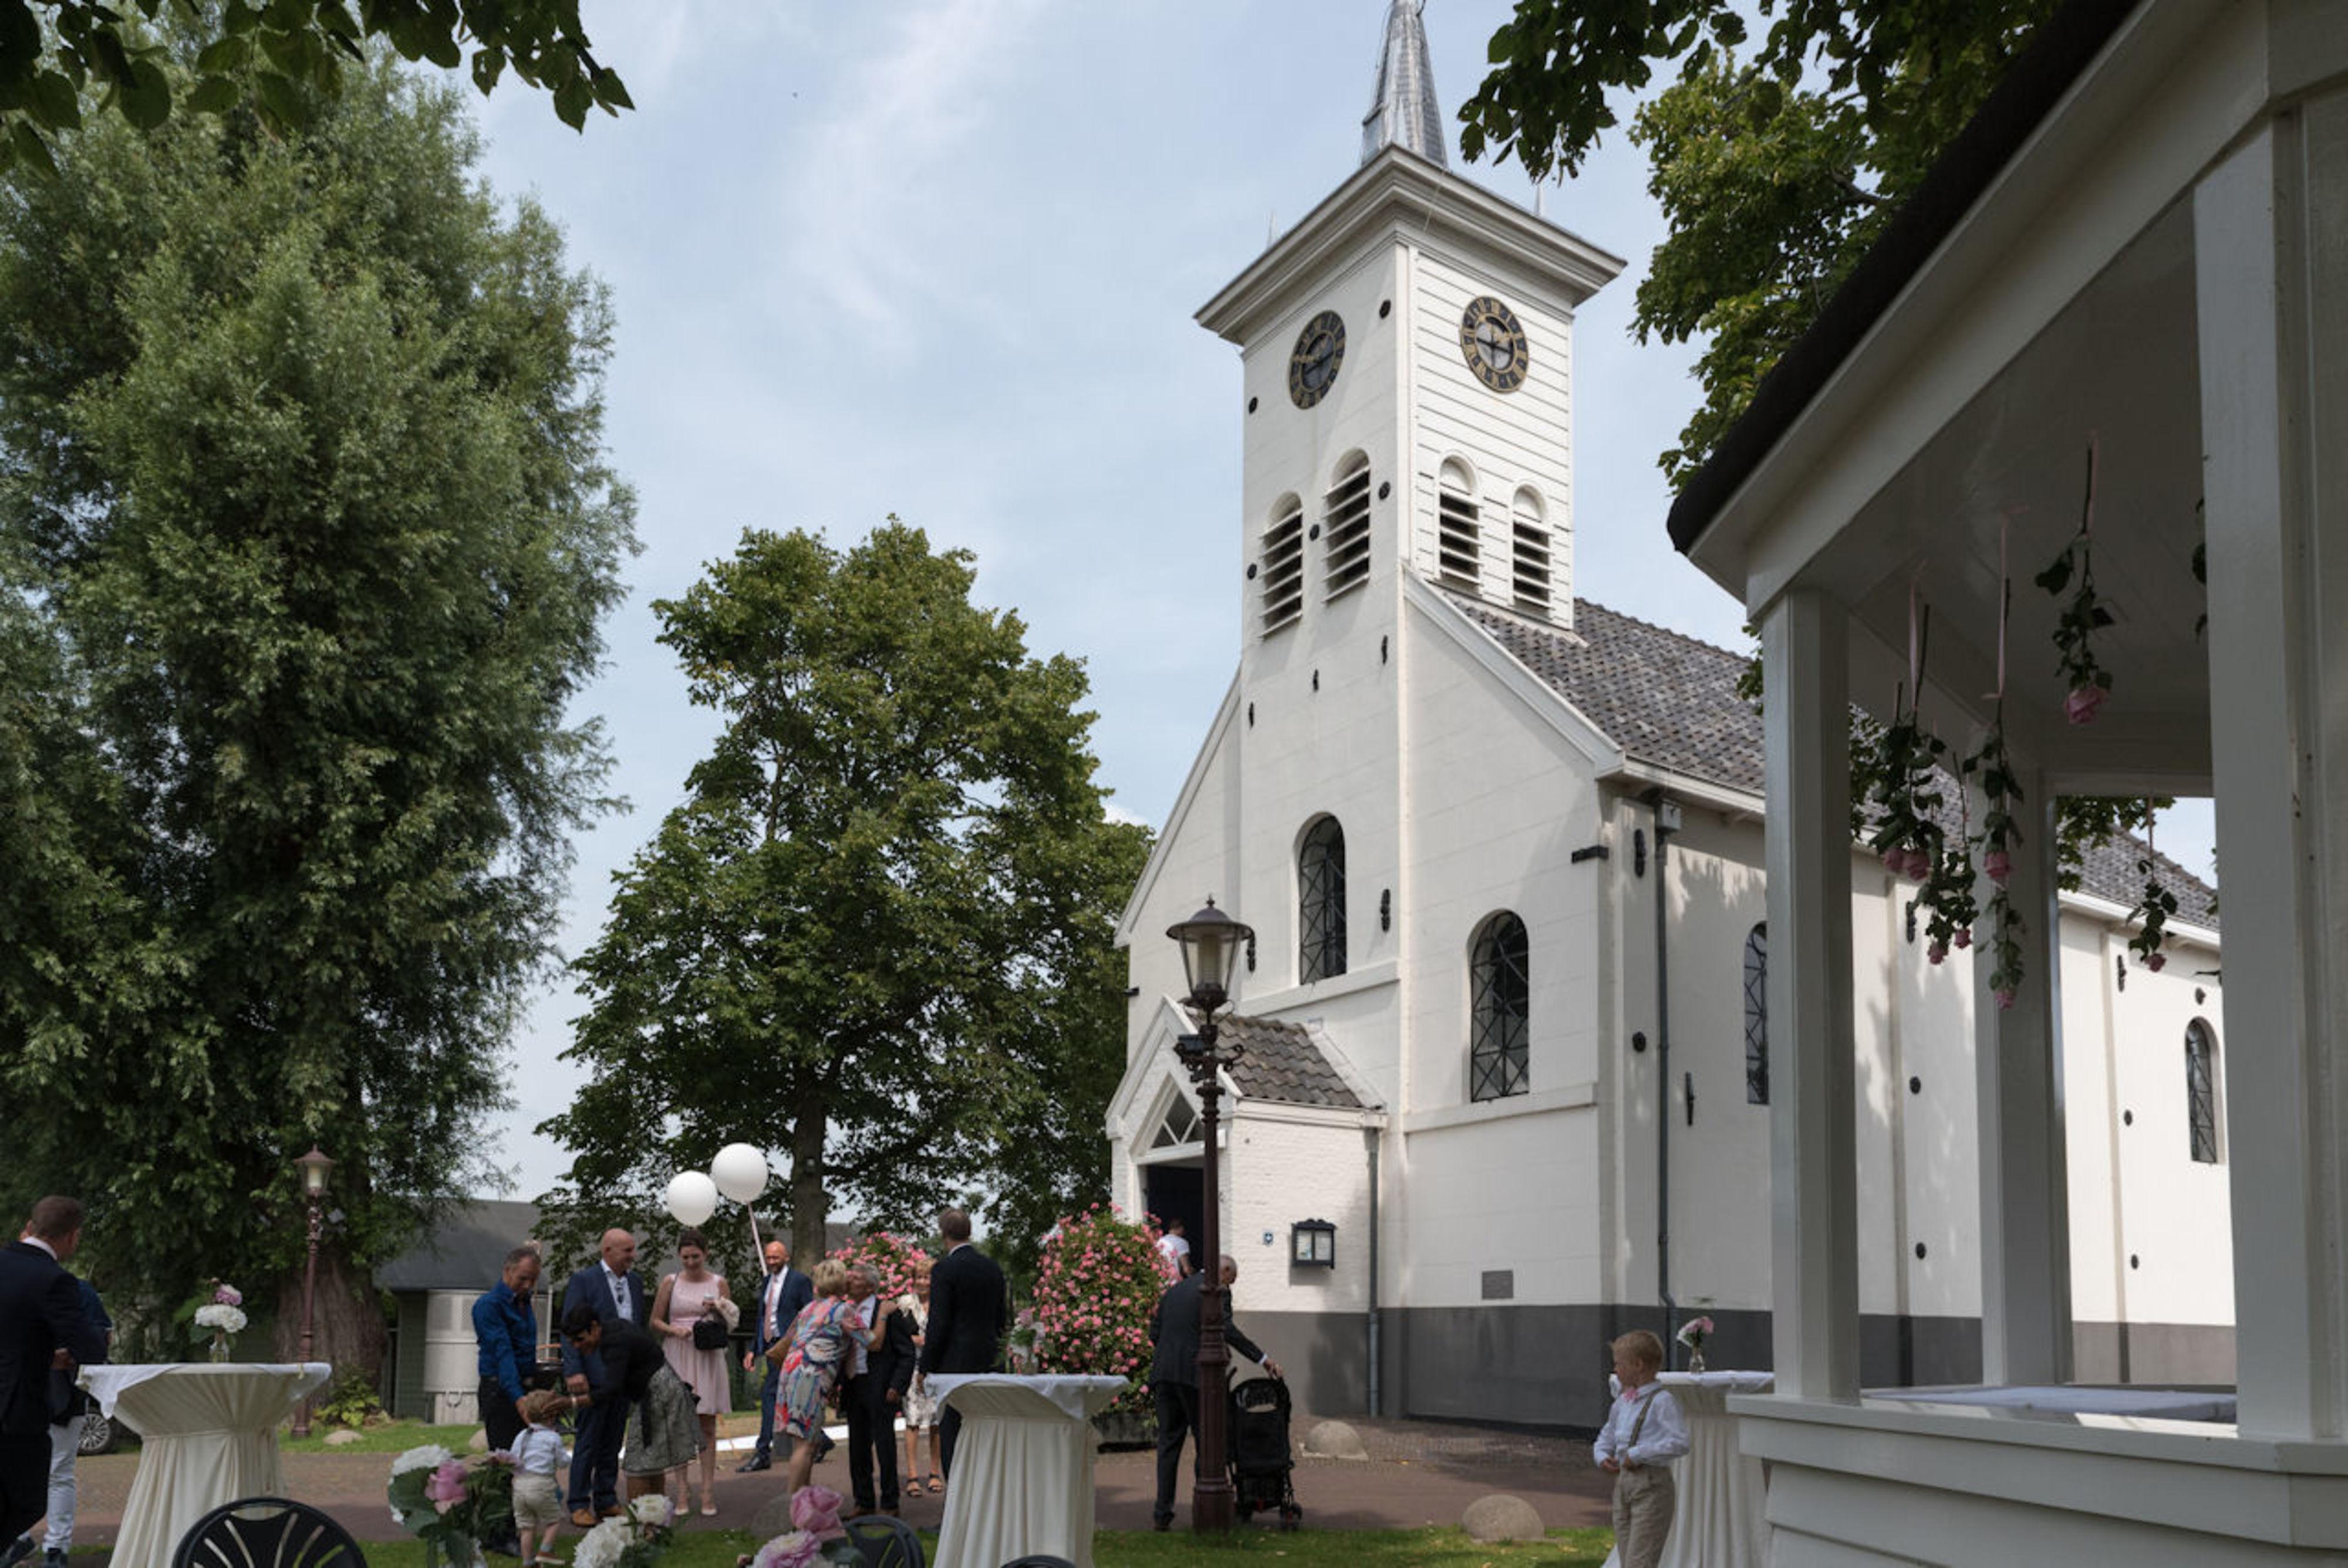 Trouwlocatie Amsterdam Schellingwouderkerk